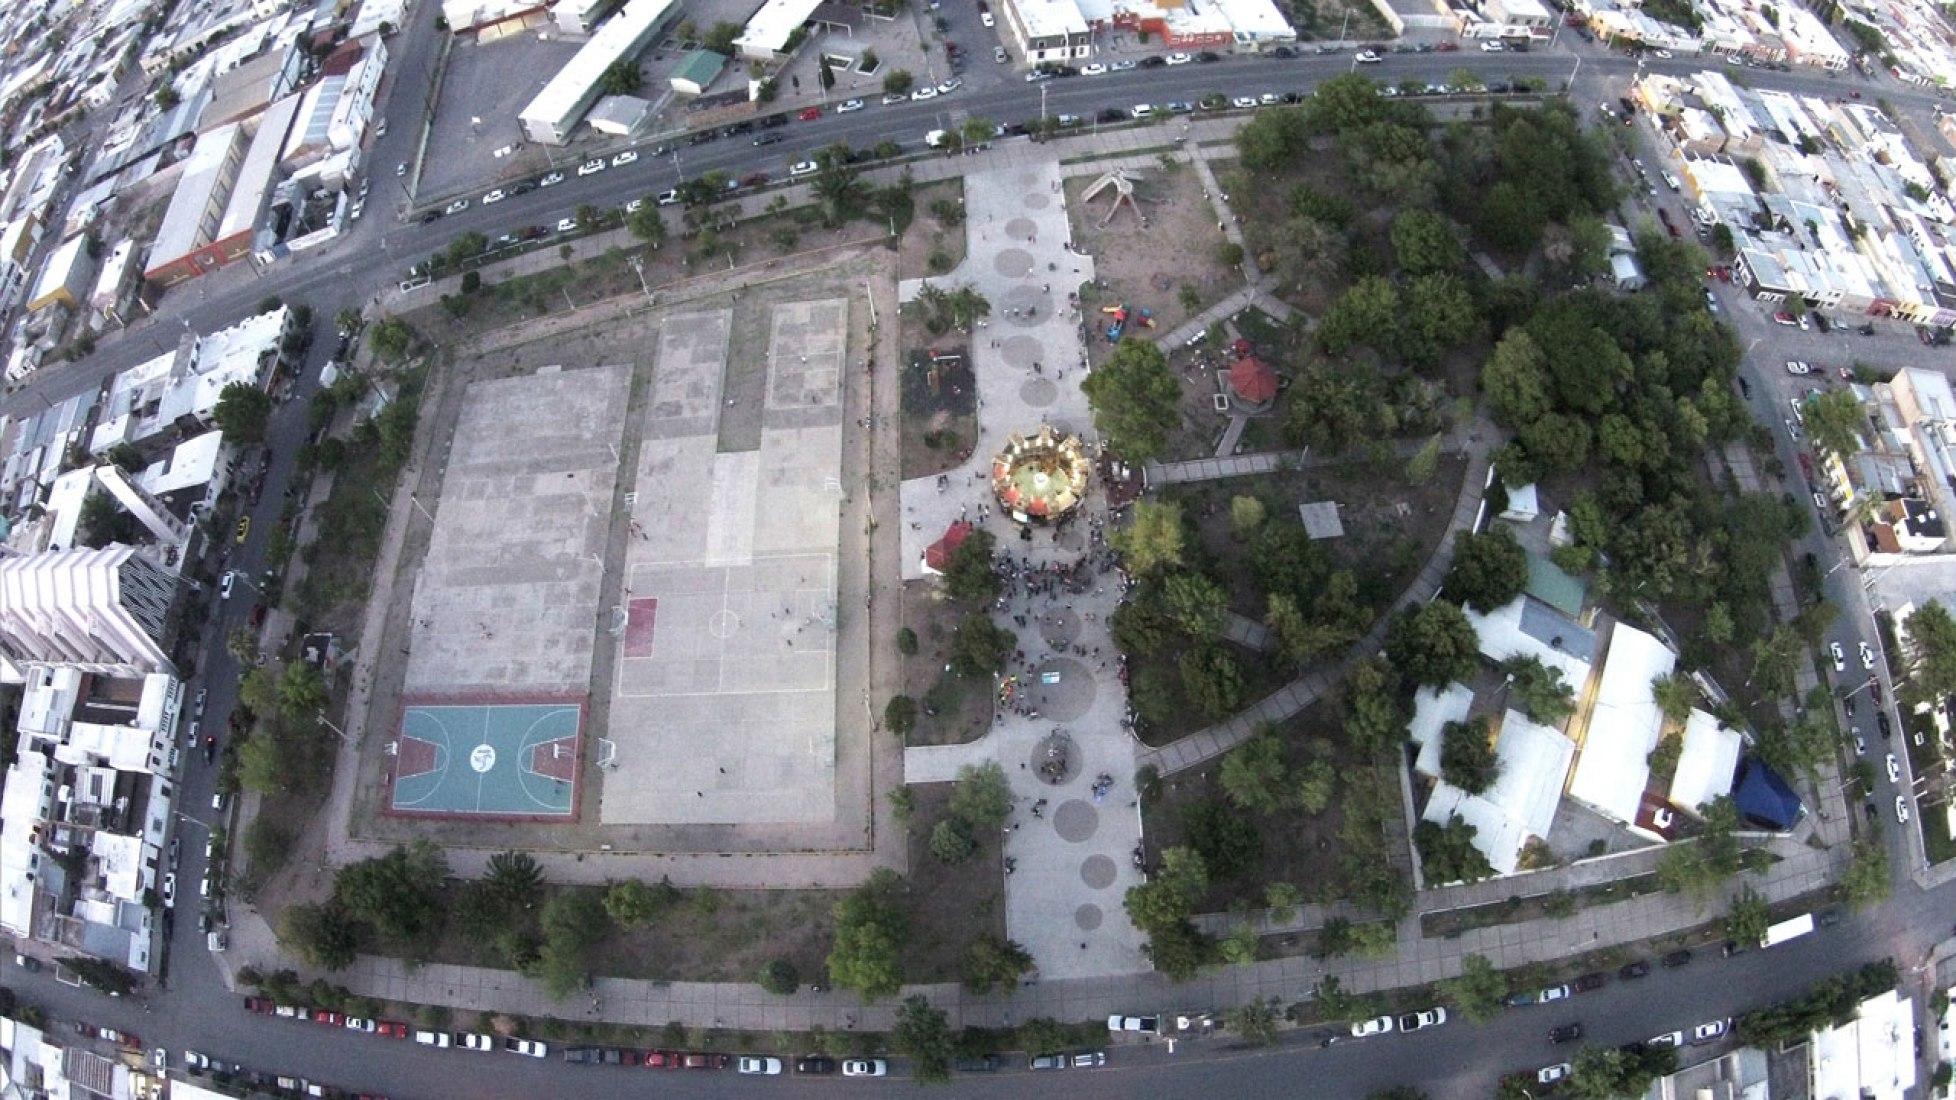 Vista aérea. Taller del Desierto / Urban SPA por PKMN Architectures + Memela. Fotografía © Taller del Desierto / Bieno Jiménez / Nikola Anakabe.